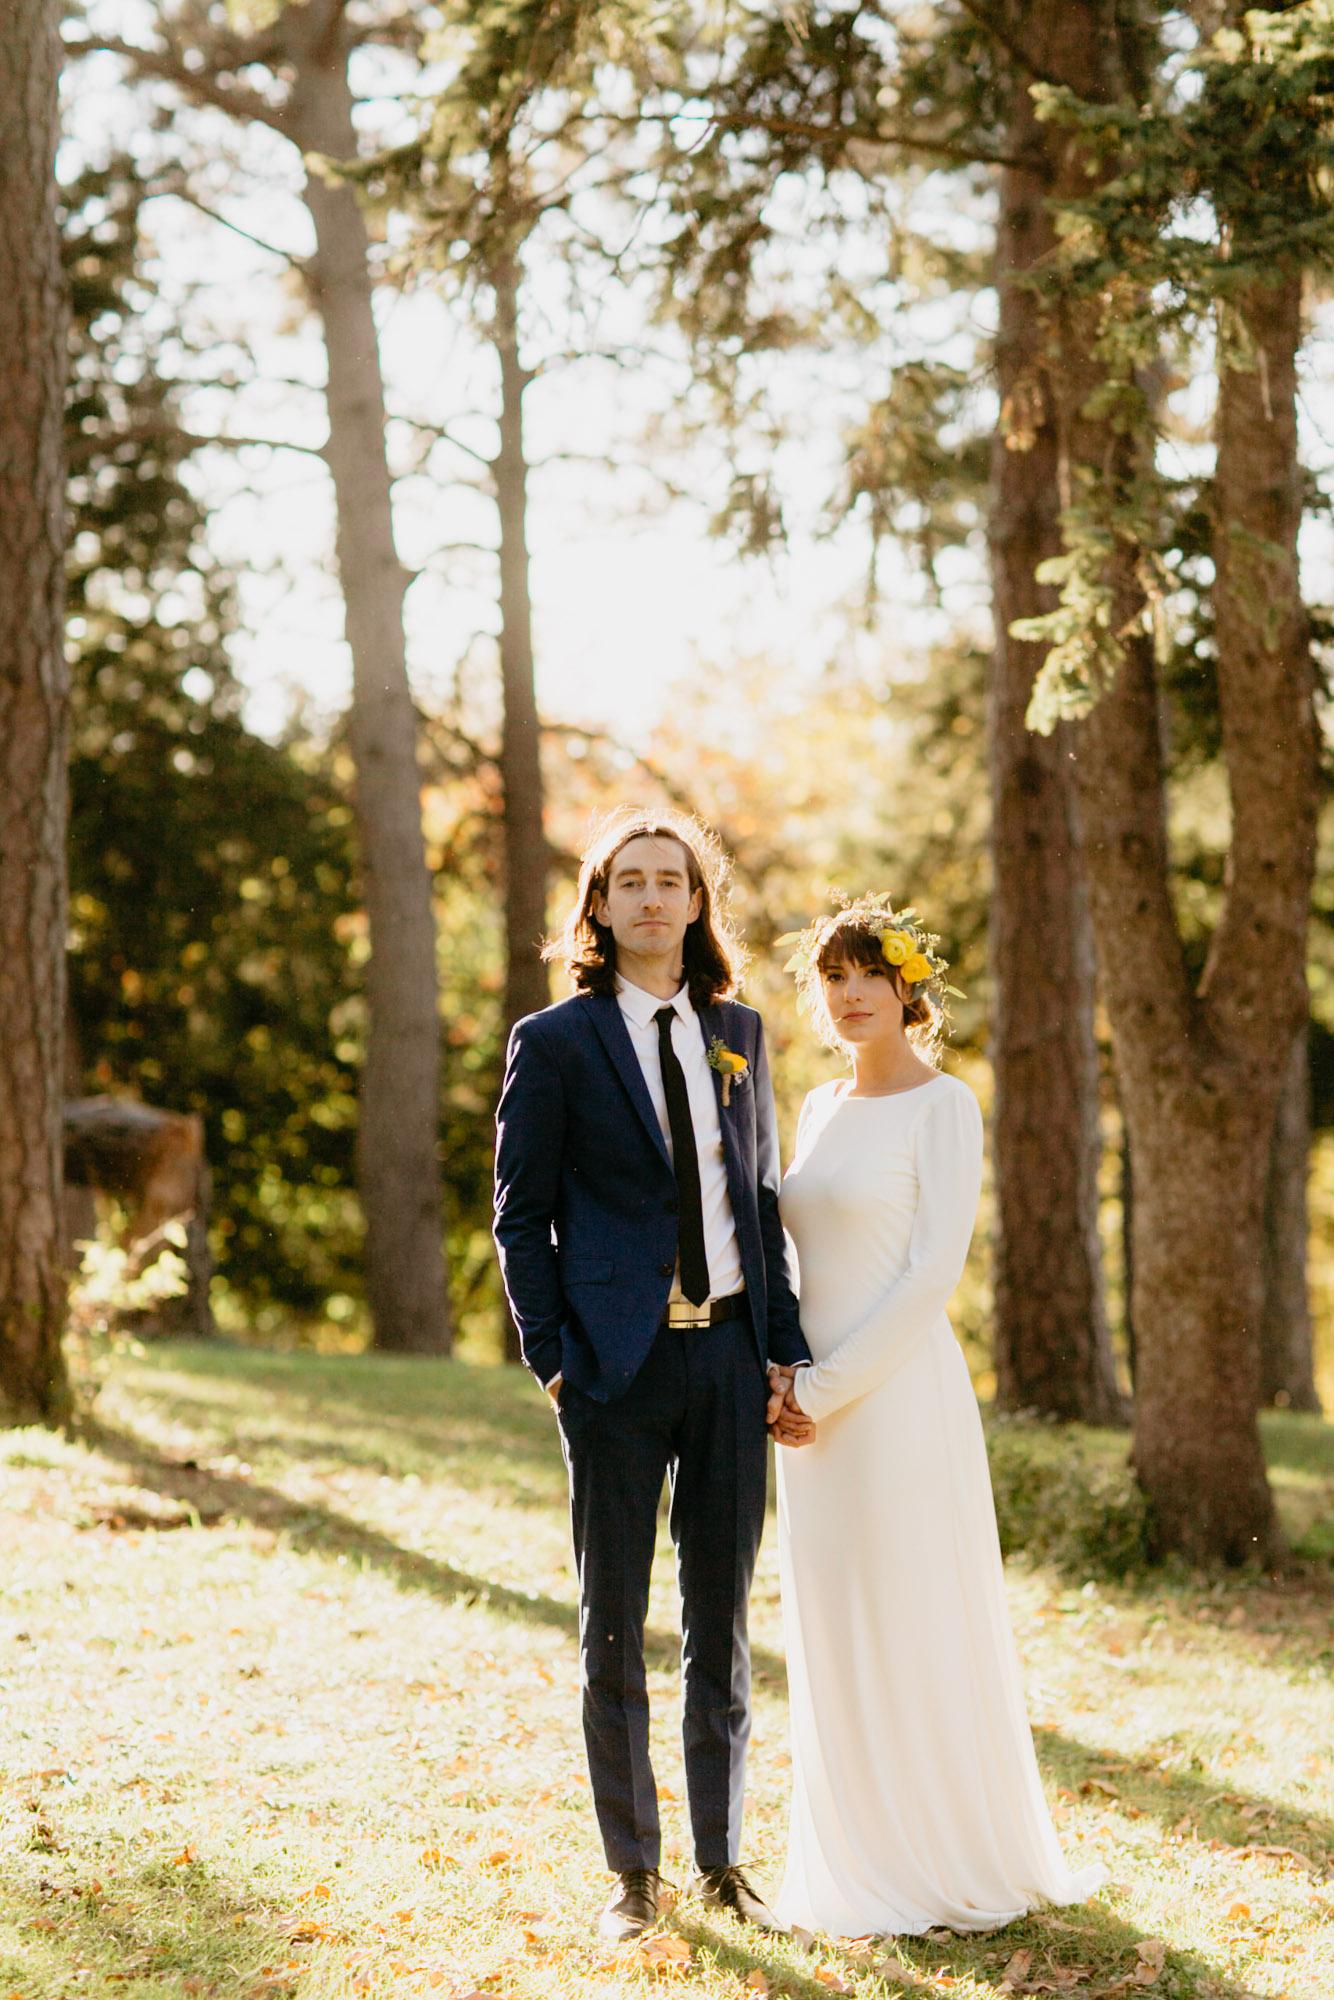 omaha-elopement-photographer-29.jpg